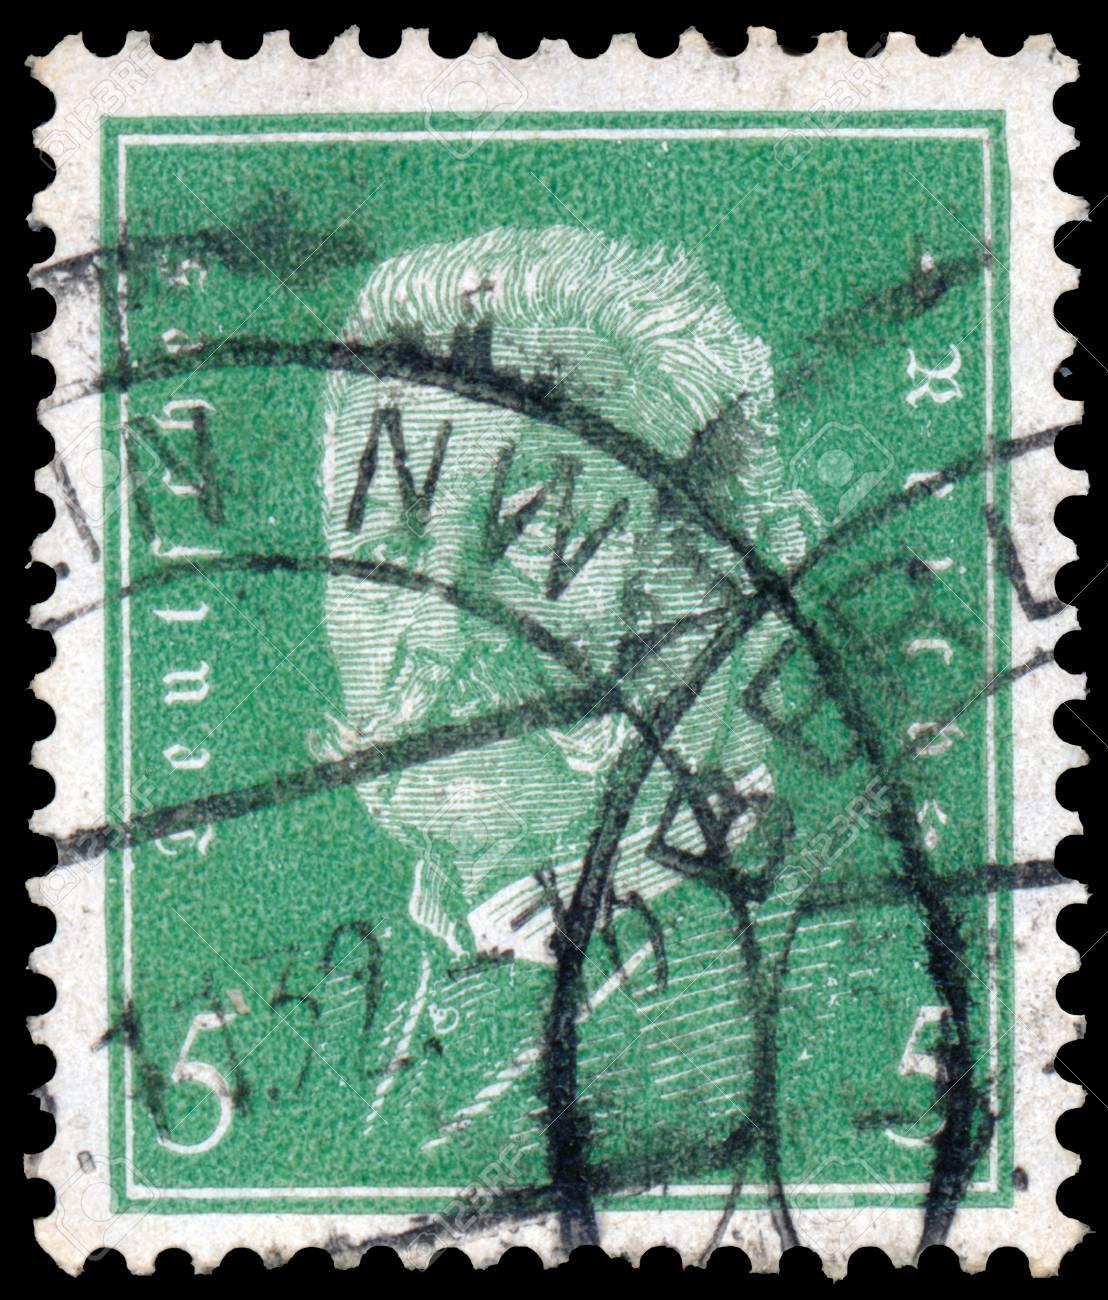 ドイツ - 1928 年頃: 1928 年頃...